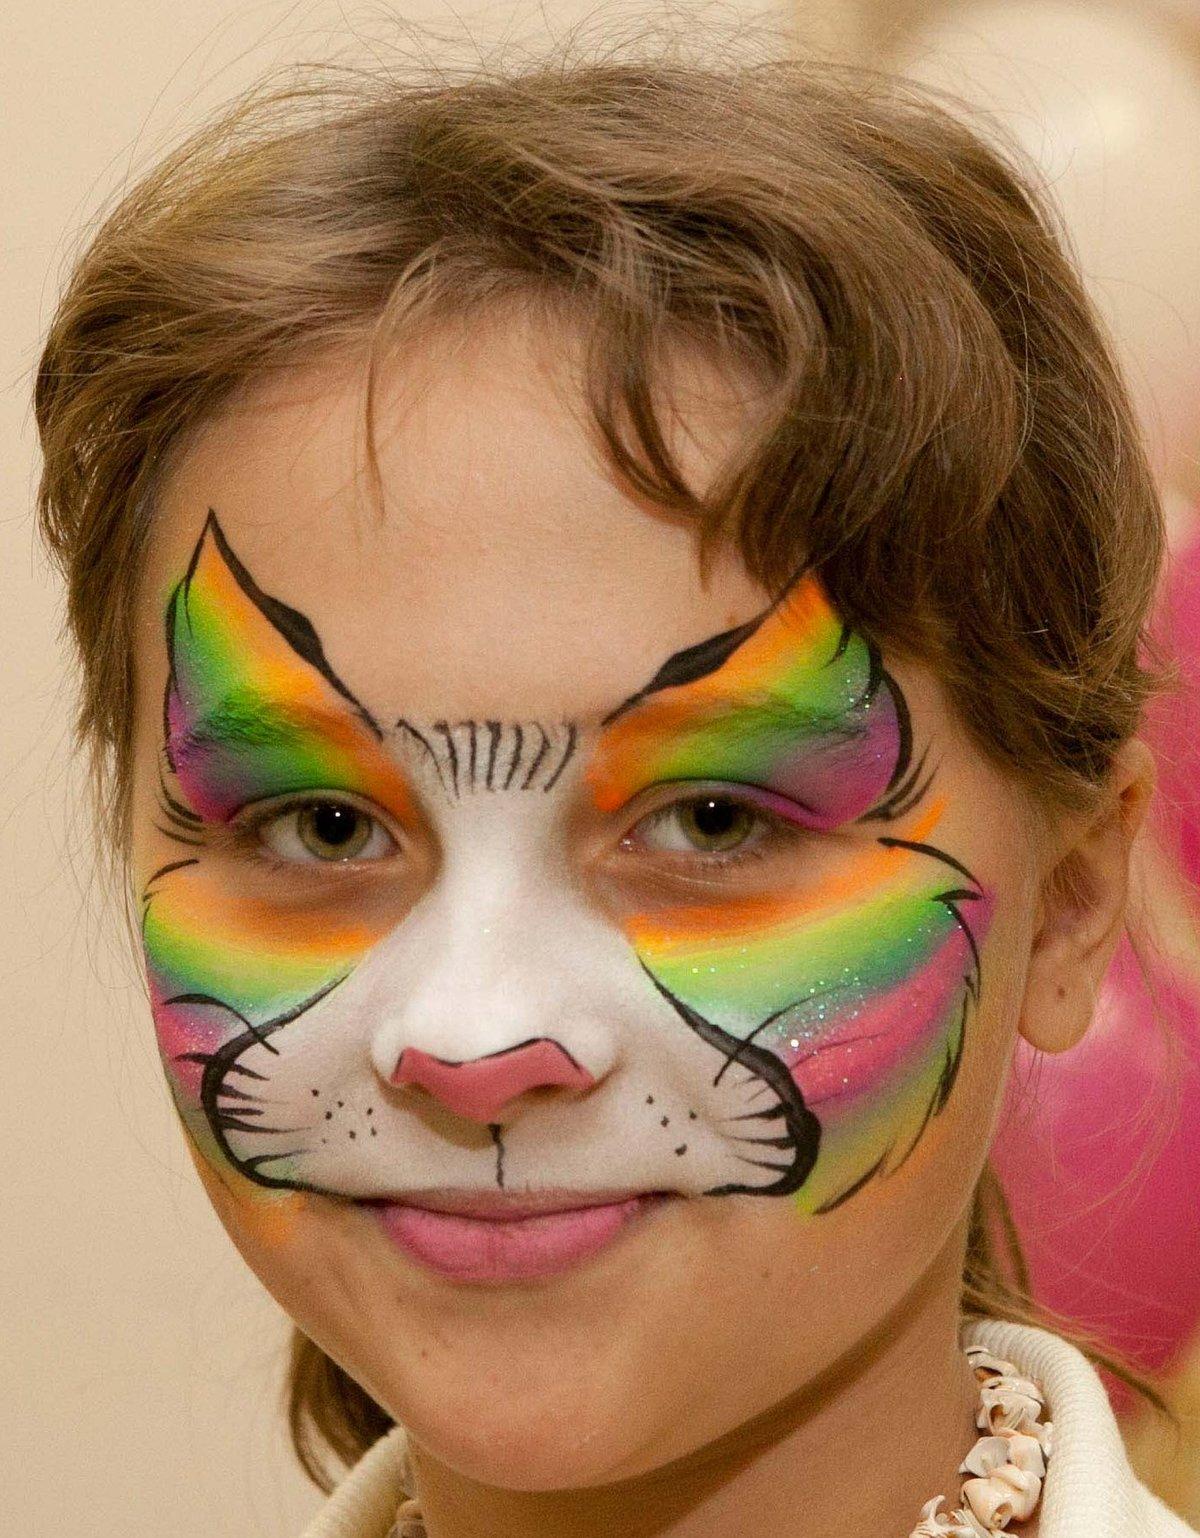 Картинки нарисовать для детей на лице